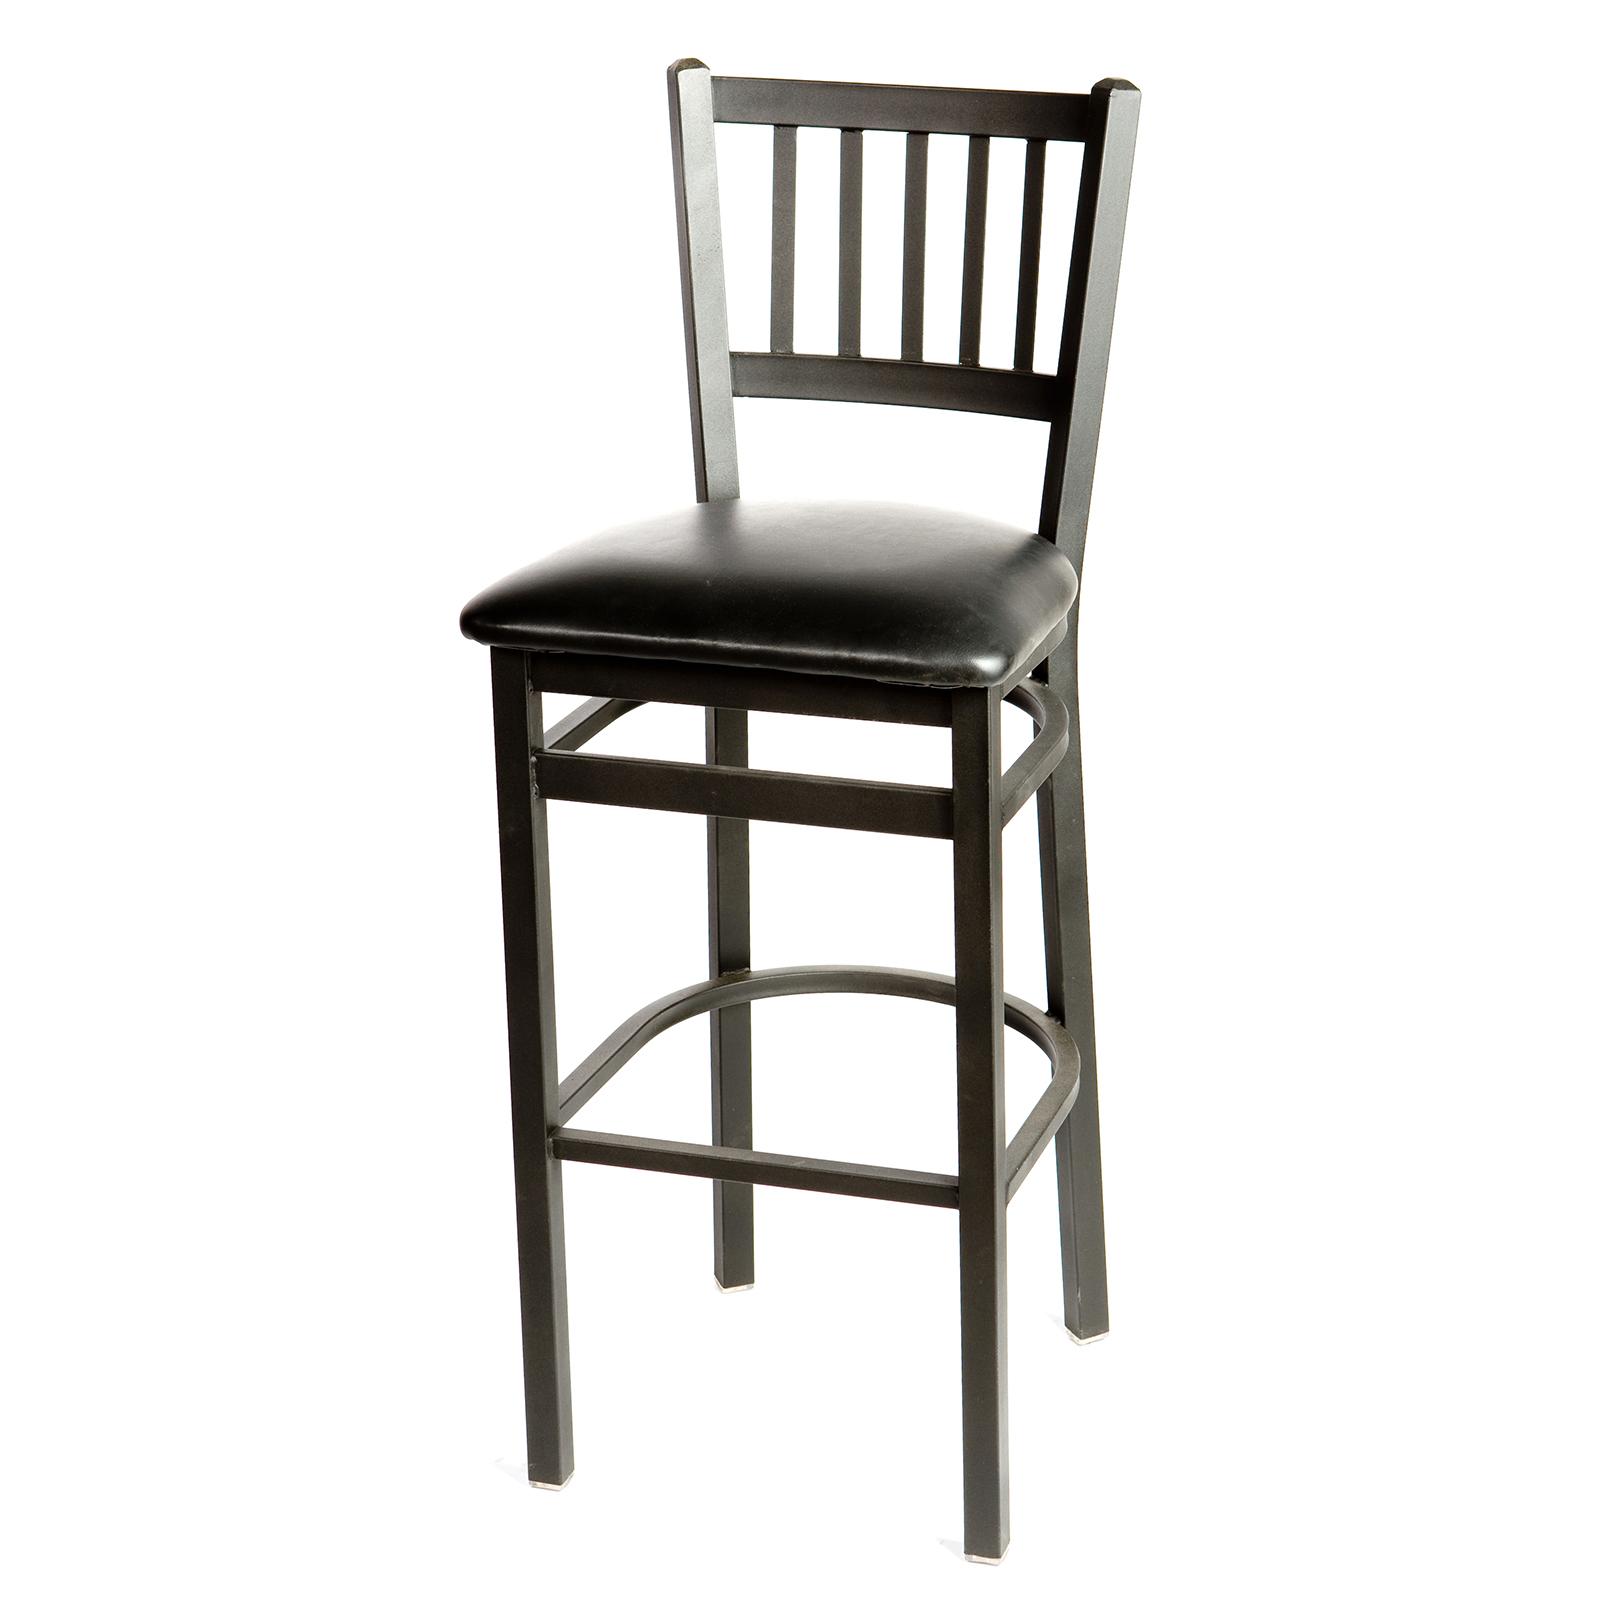 Oak Street SL2090-1 bar stool, indoor